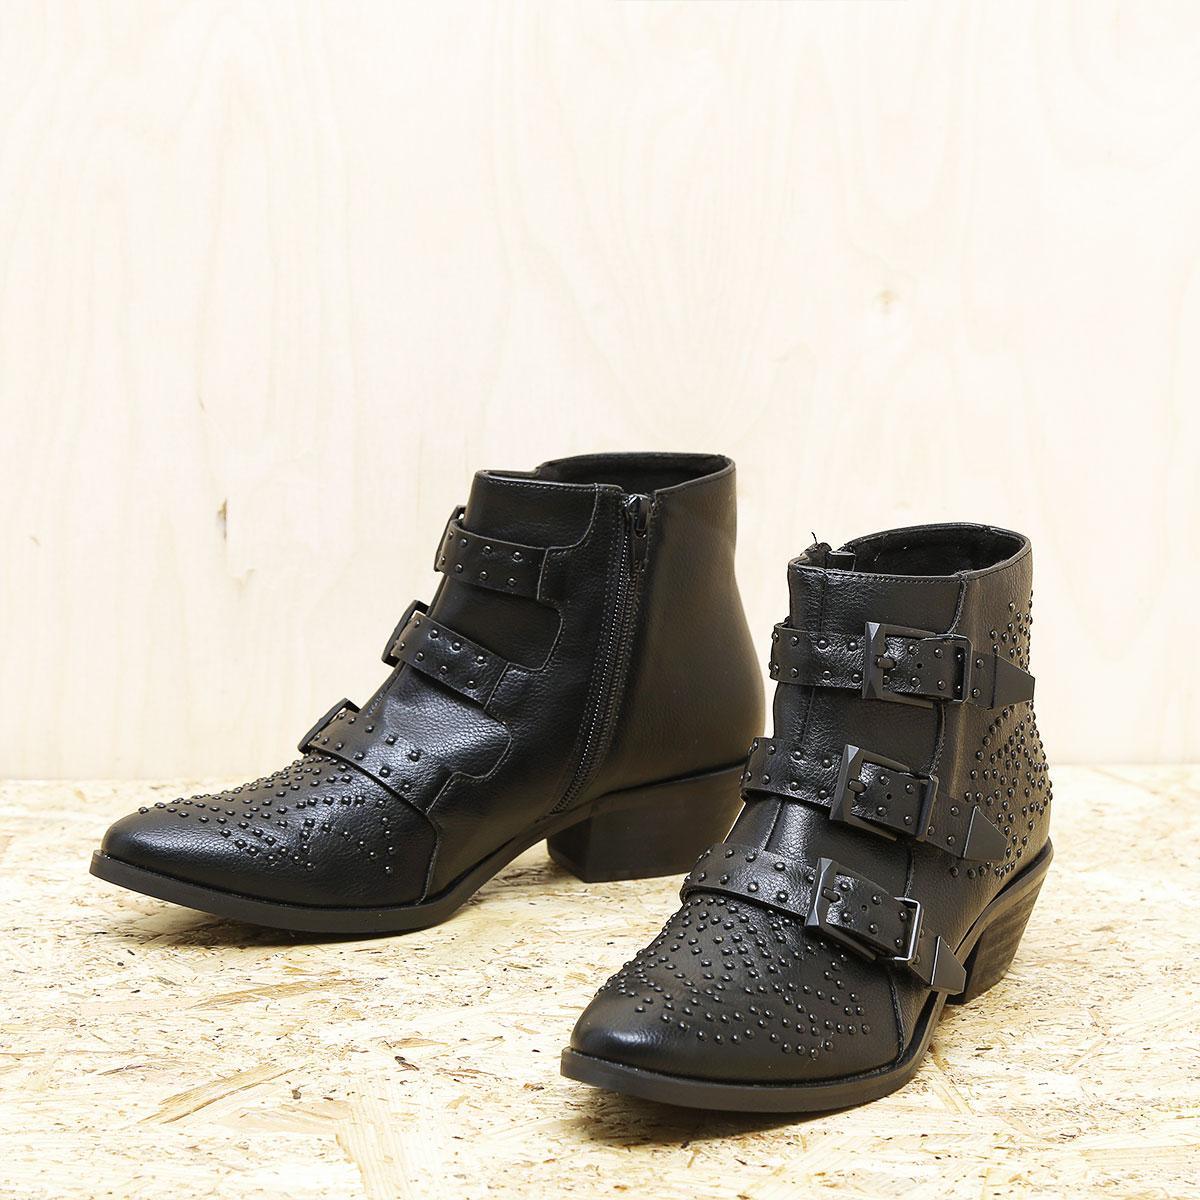 דגם טורינו : מגפונים לנשים בצבע שחור